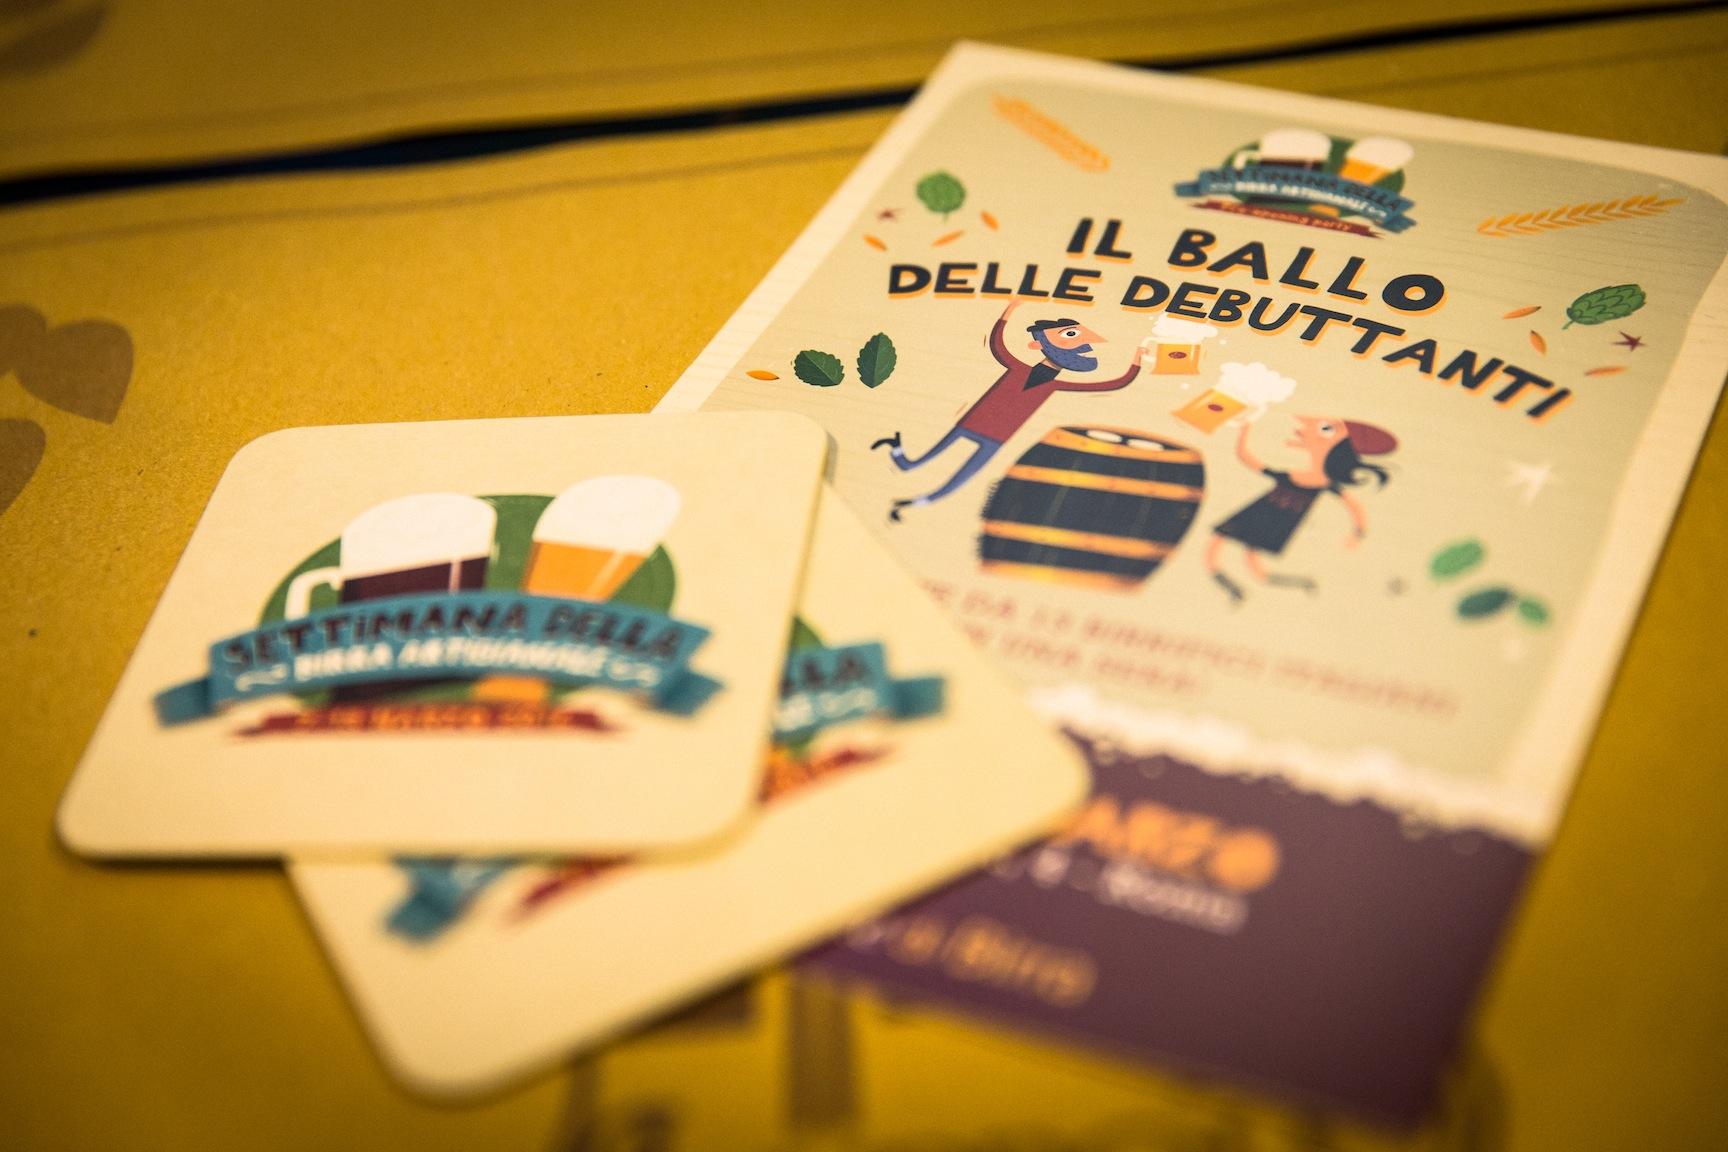 il_ballo_delle_debuttanti_alta-5